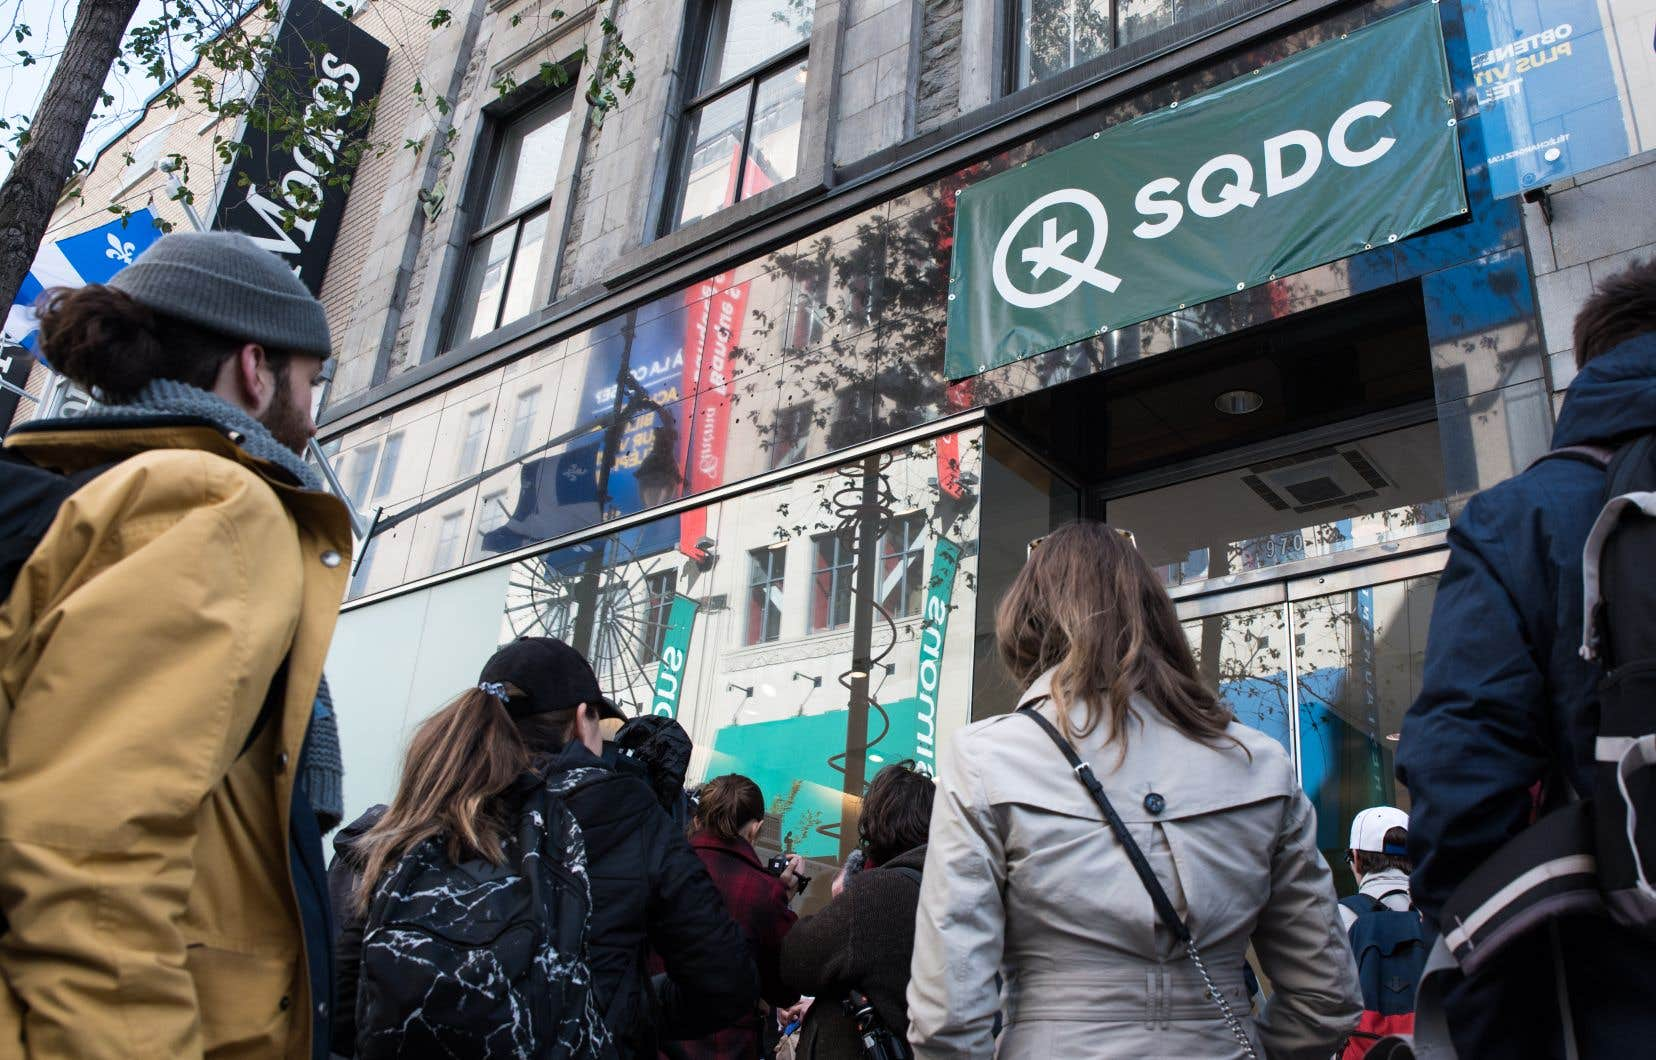 Depuis le jour un de la légalisation du cannabis au Canada, la SQDC a enregistré près de 140 000 transactions dans l'ensemble de ses succursales et sur son site Web.